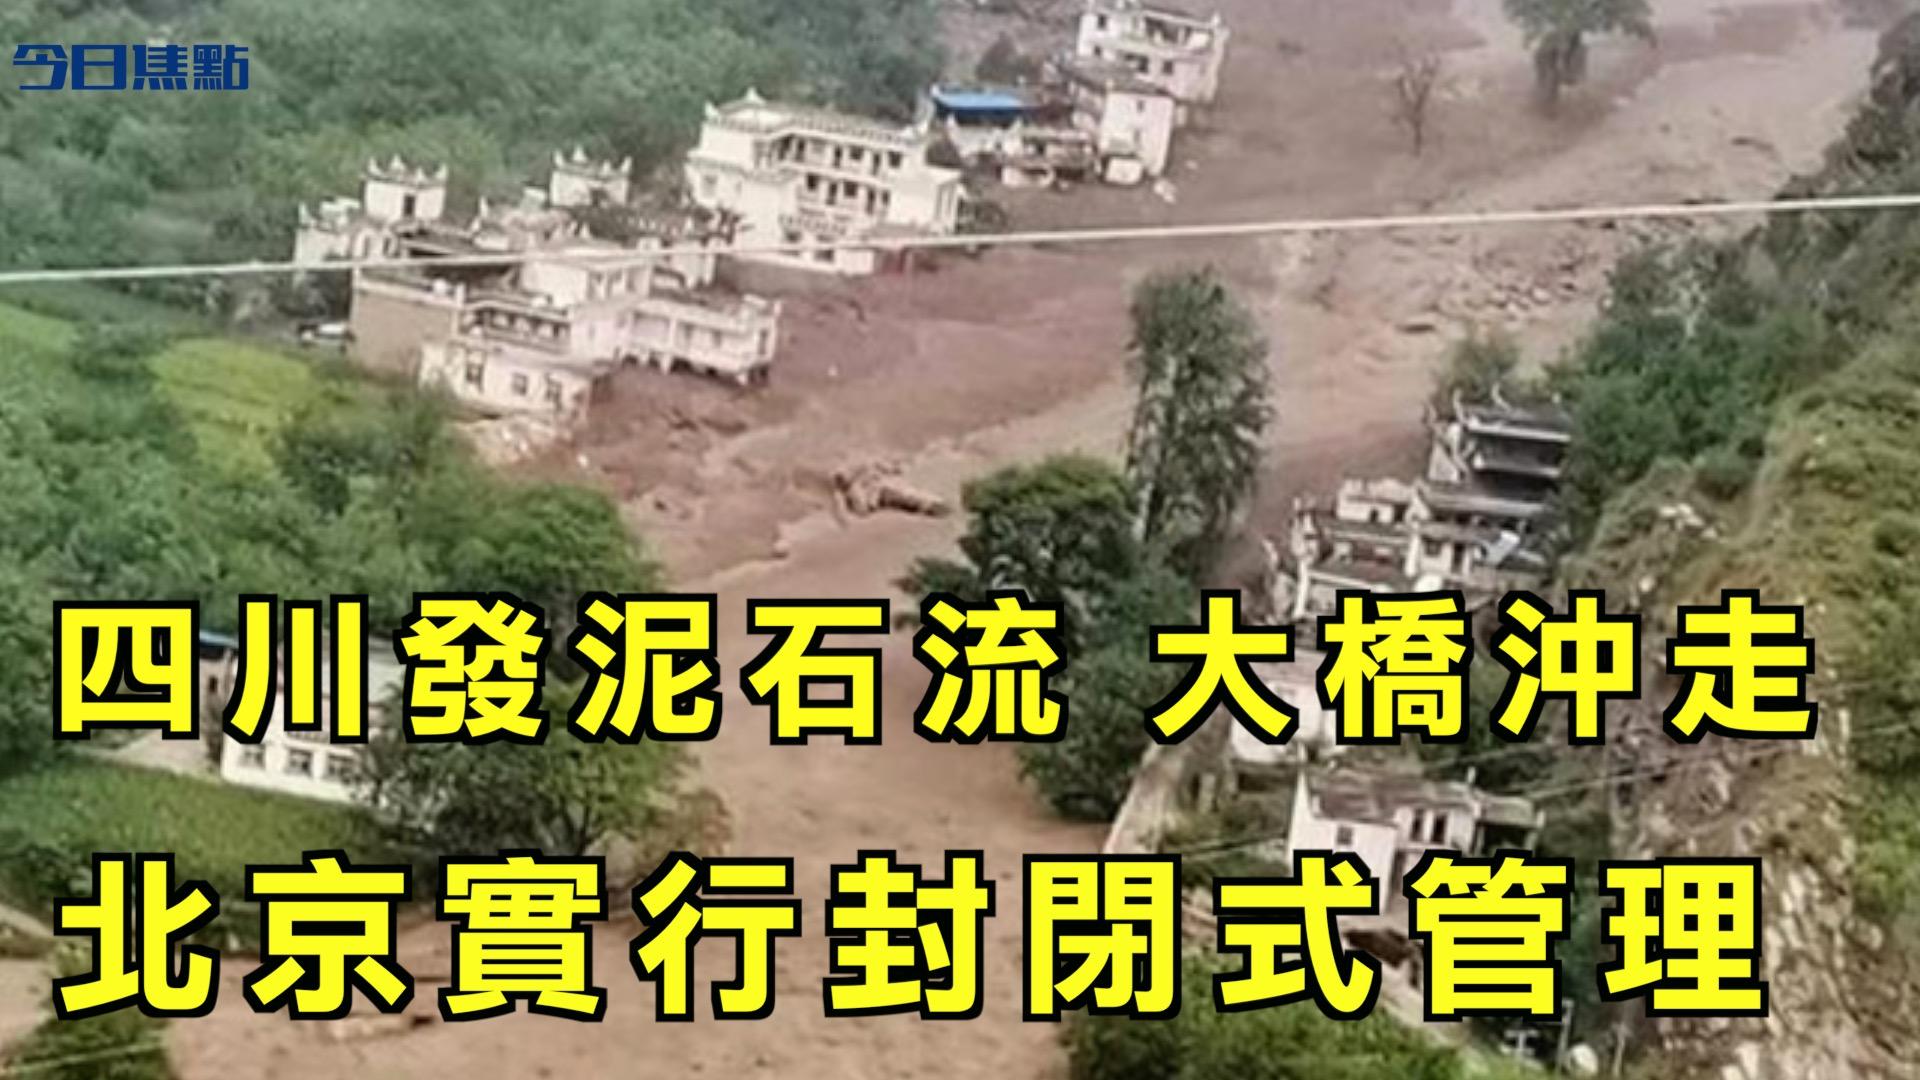 2020年6月17日凌晨,四川丹巴縣又爆出發生泥石流。(今日焦點)